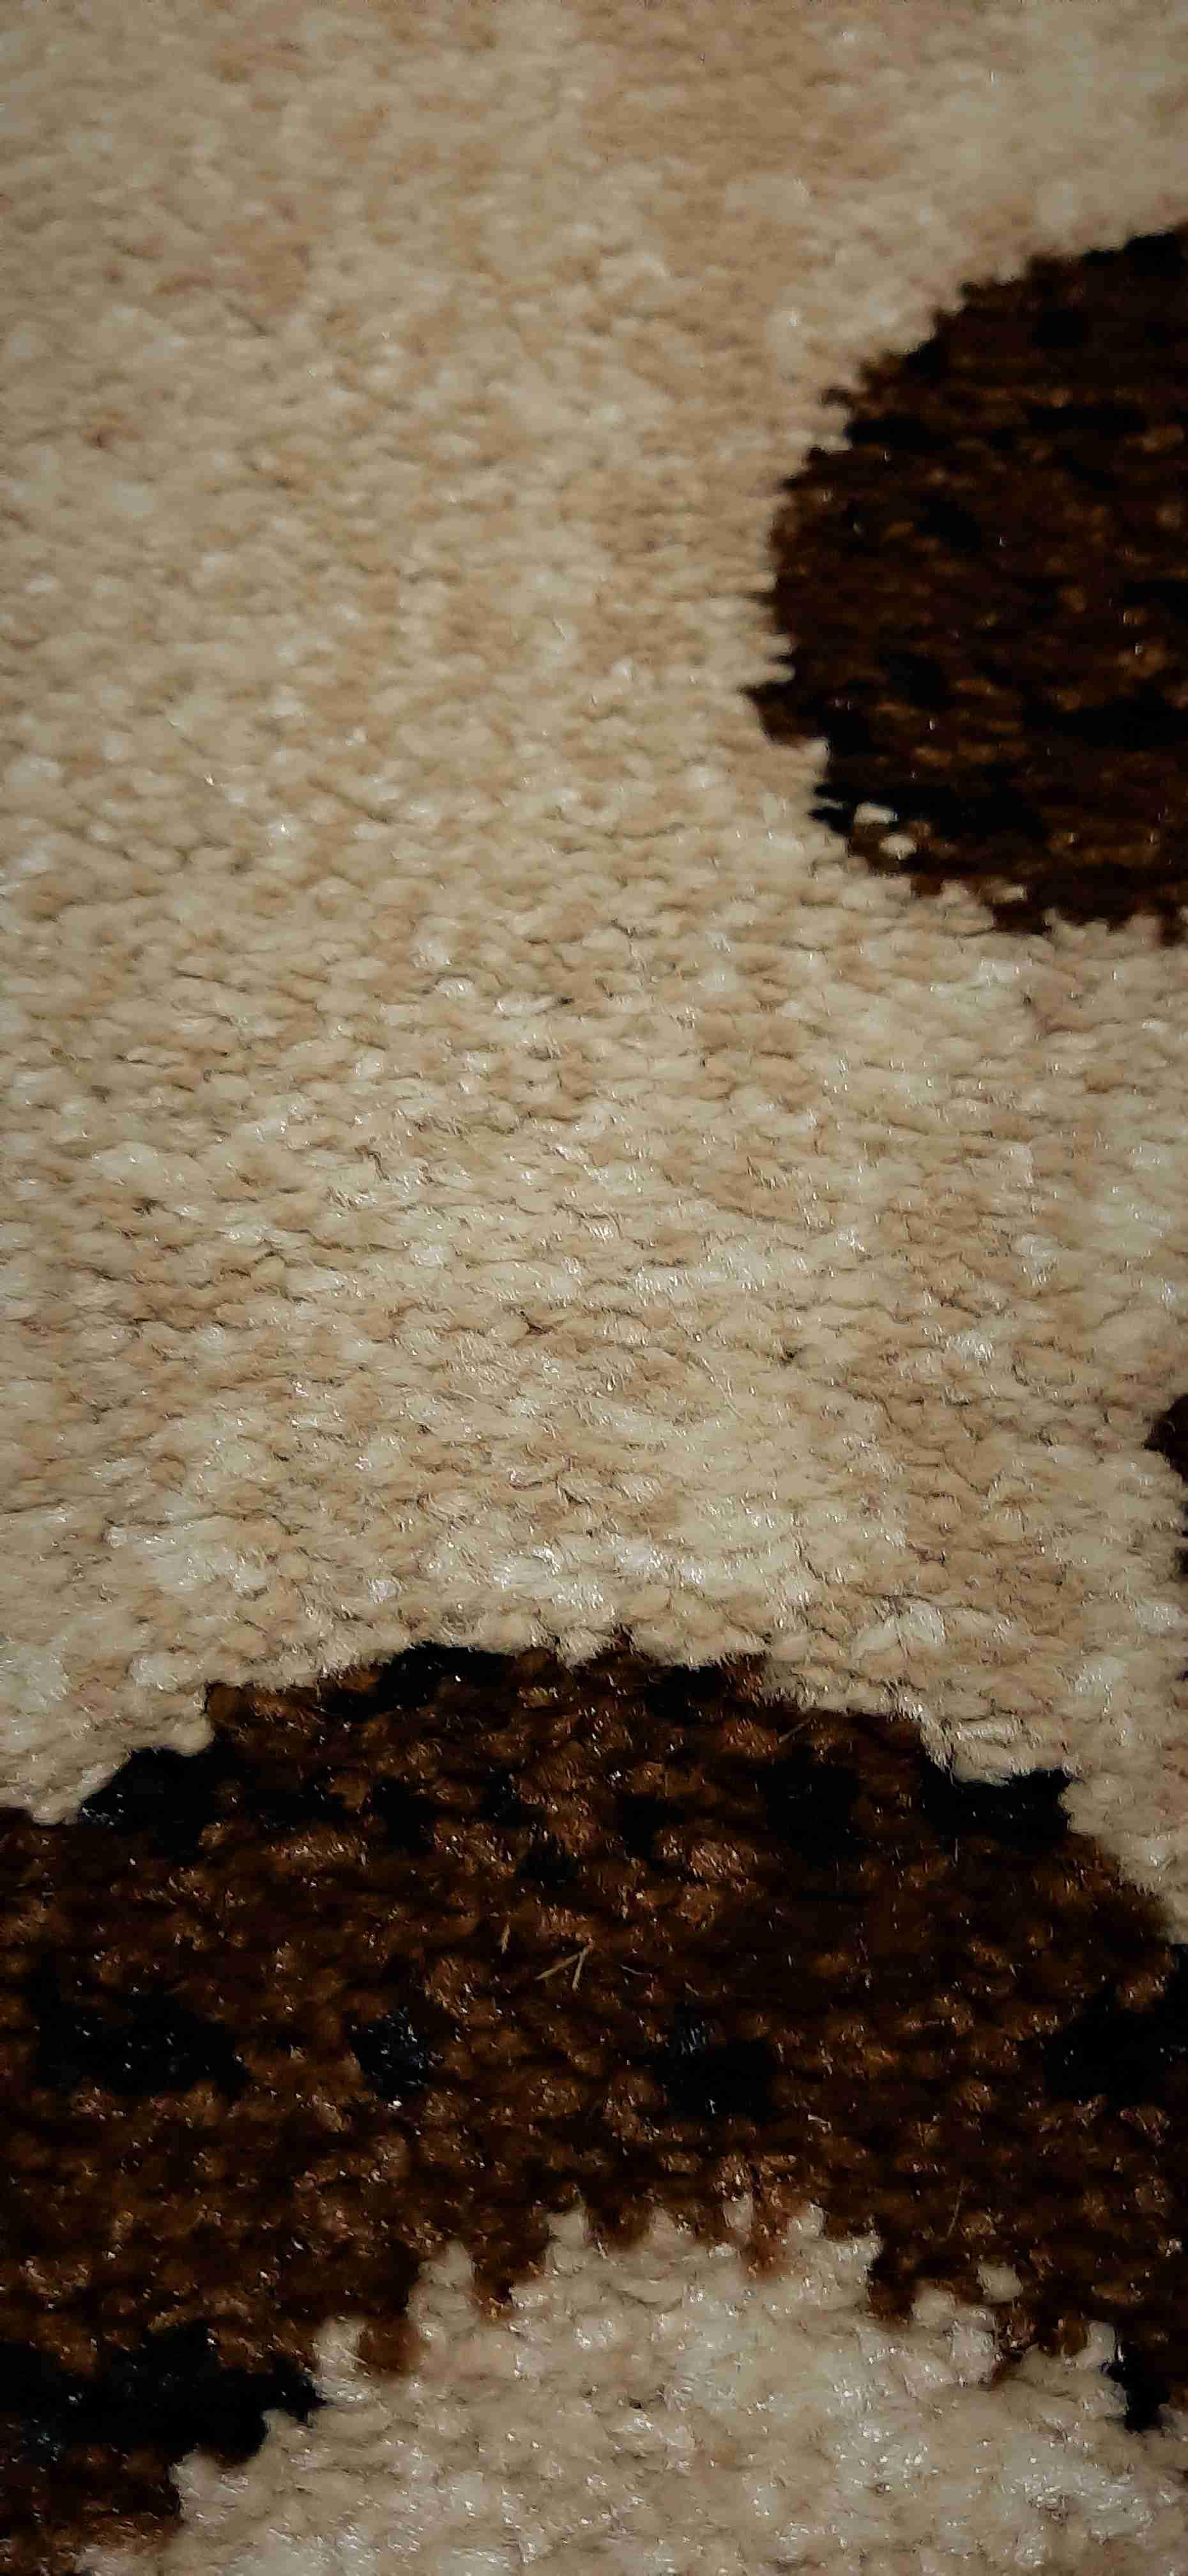 Traversa Covor, Cappuccino 16028-118, Bej / Maro, 60x1000 cm, 1800 gr/mp 4